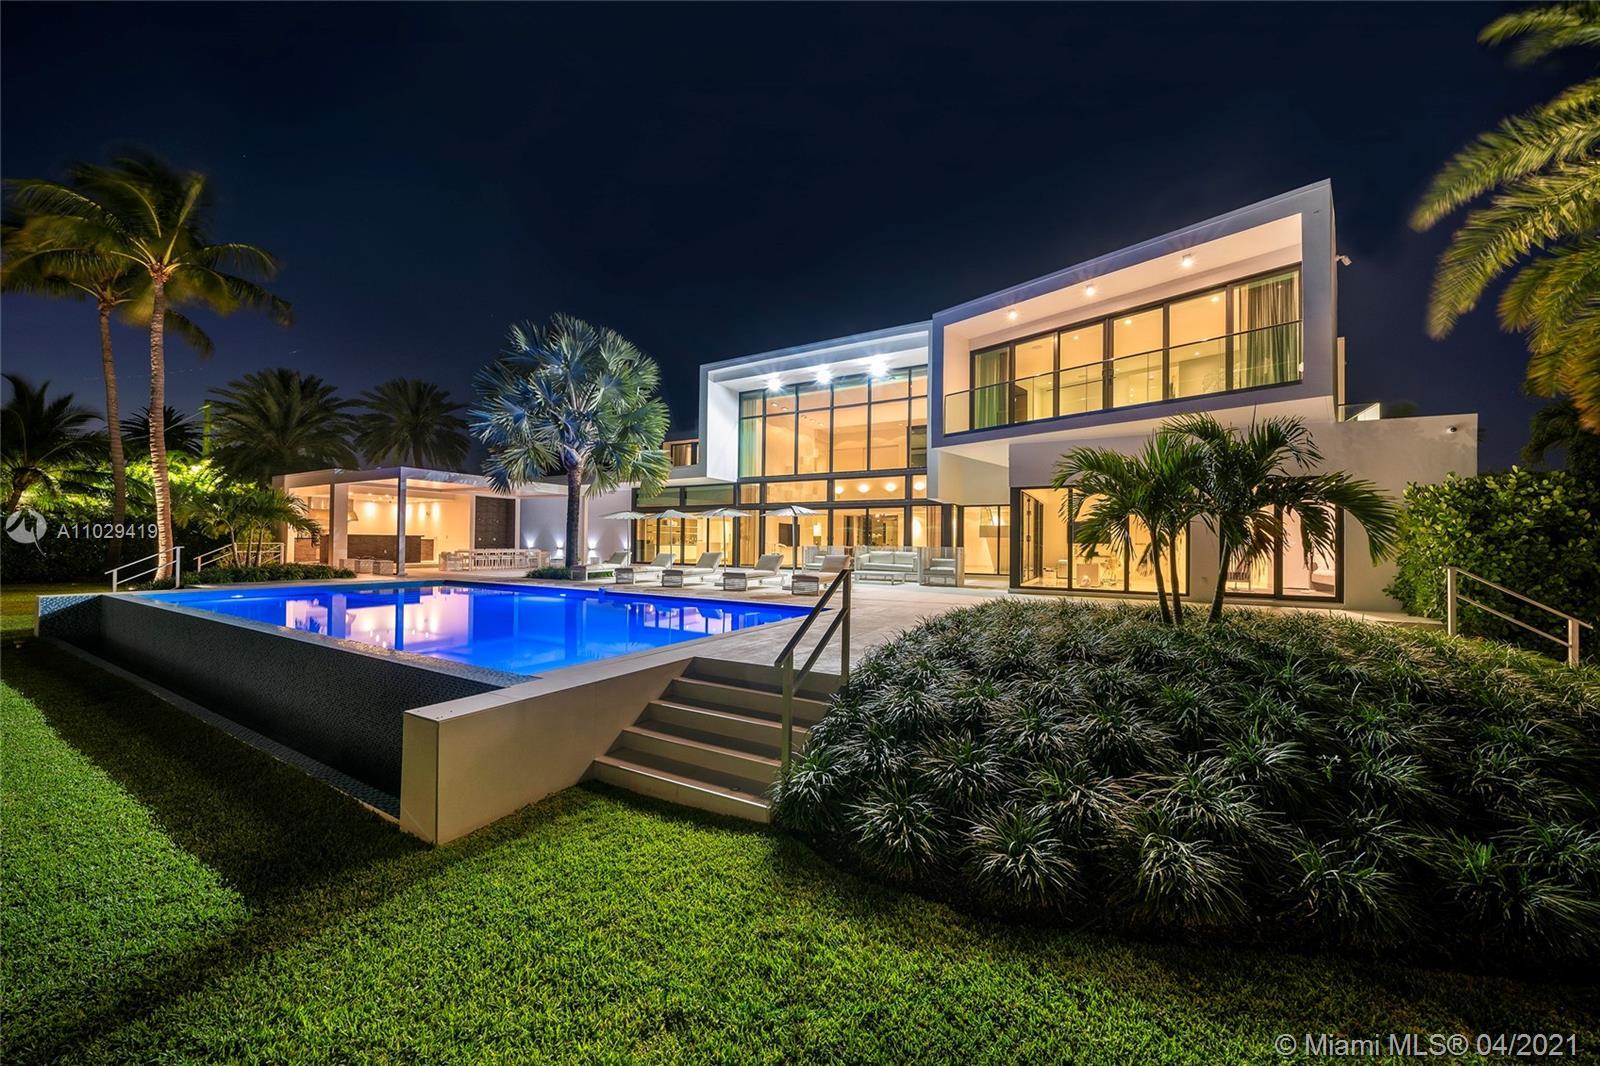 Isle of Normandy - 1050-1070 S Shore Dr, Miami Beach, FL 33141